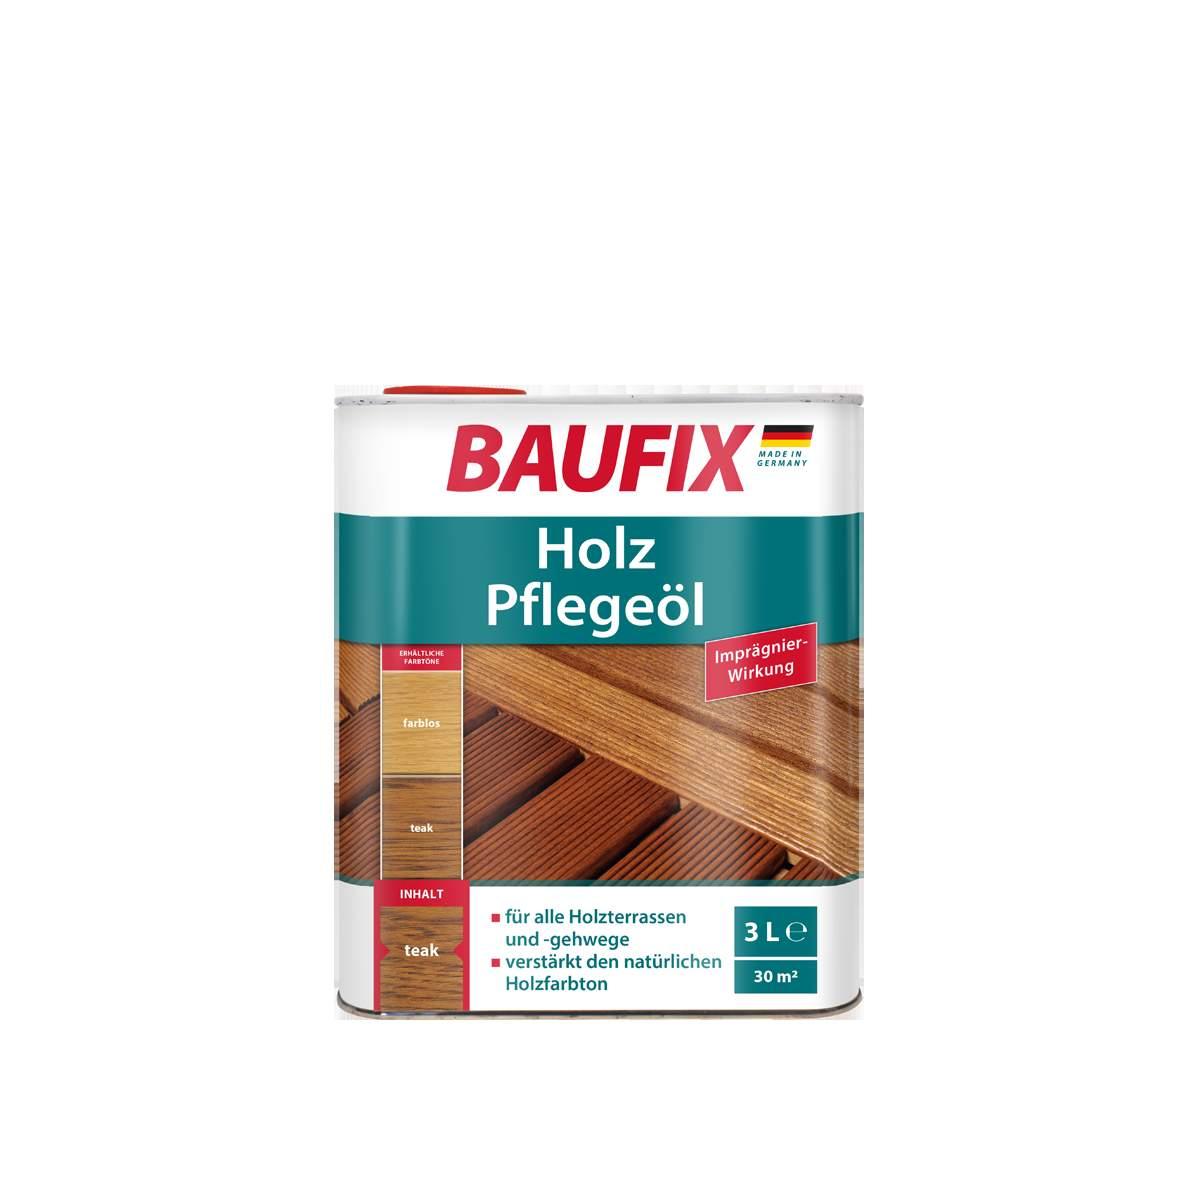 DE BAUFIX Holz Pflegeo